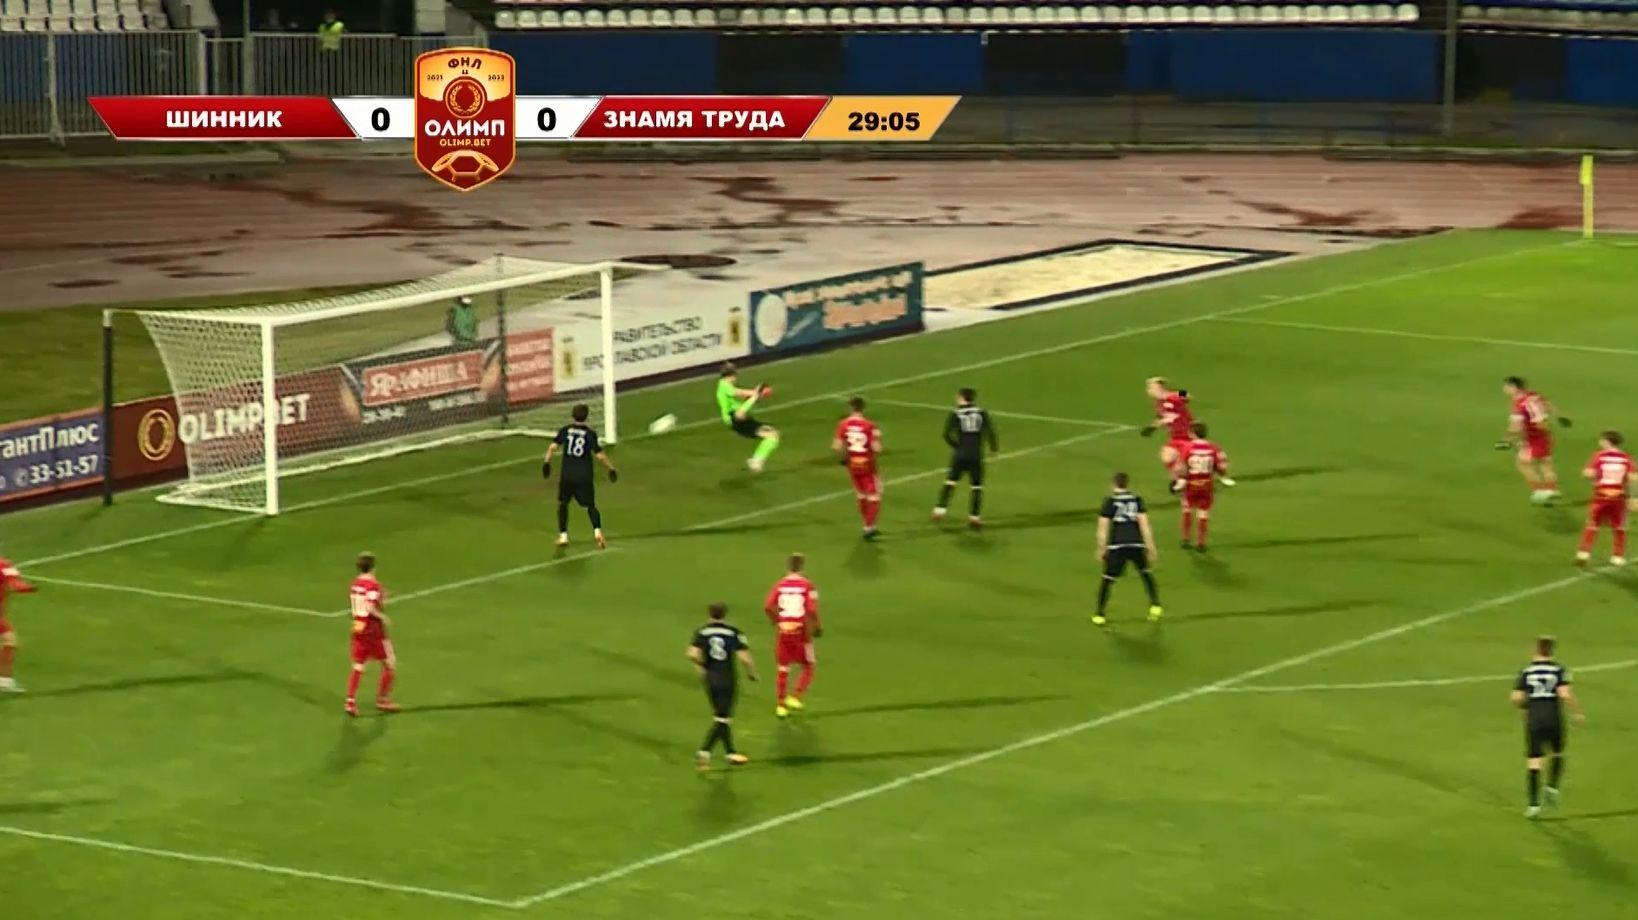 Ярославскому «Шиннику» снова хватило одного мяча для победы над «Знаменем Труда»